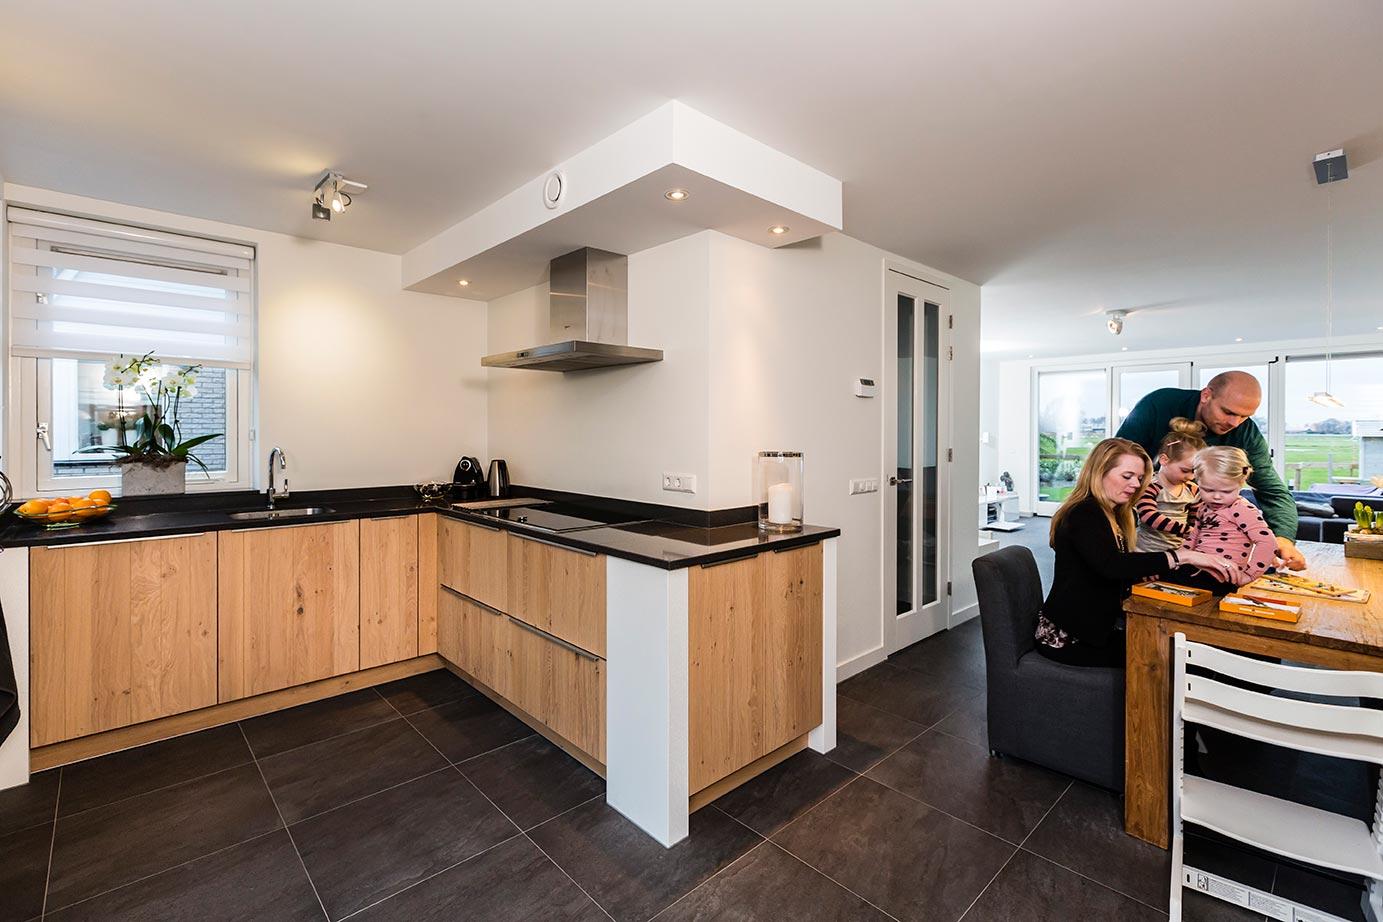 Nieuwe Keuken Tips : Keuken kopen. Lees jarenlang verzamelde tips. – DB Keukens